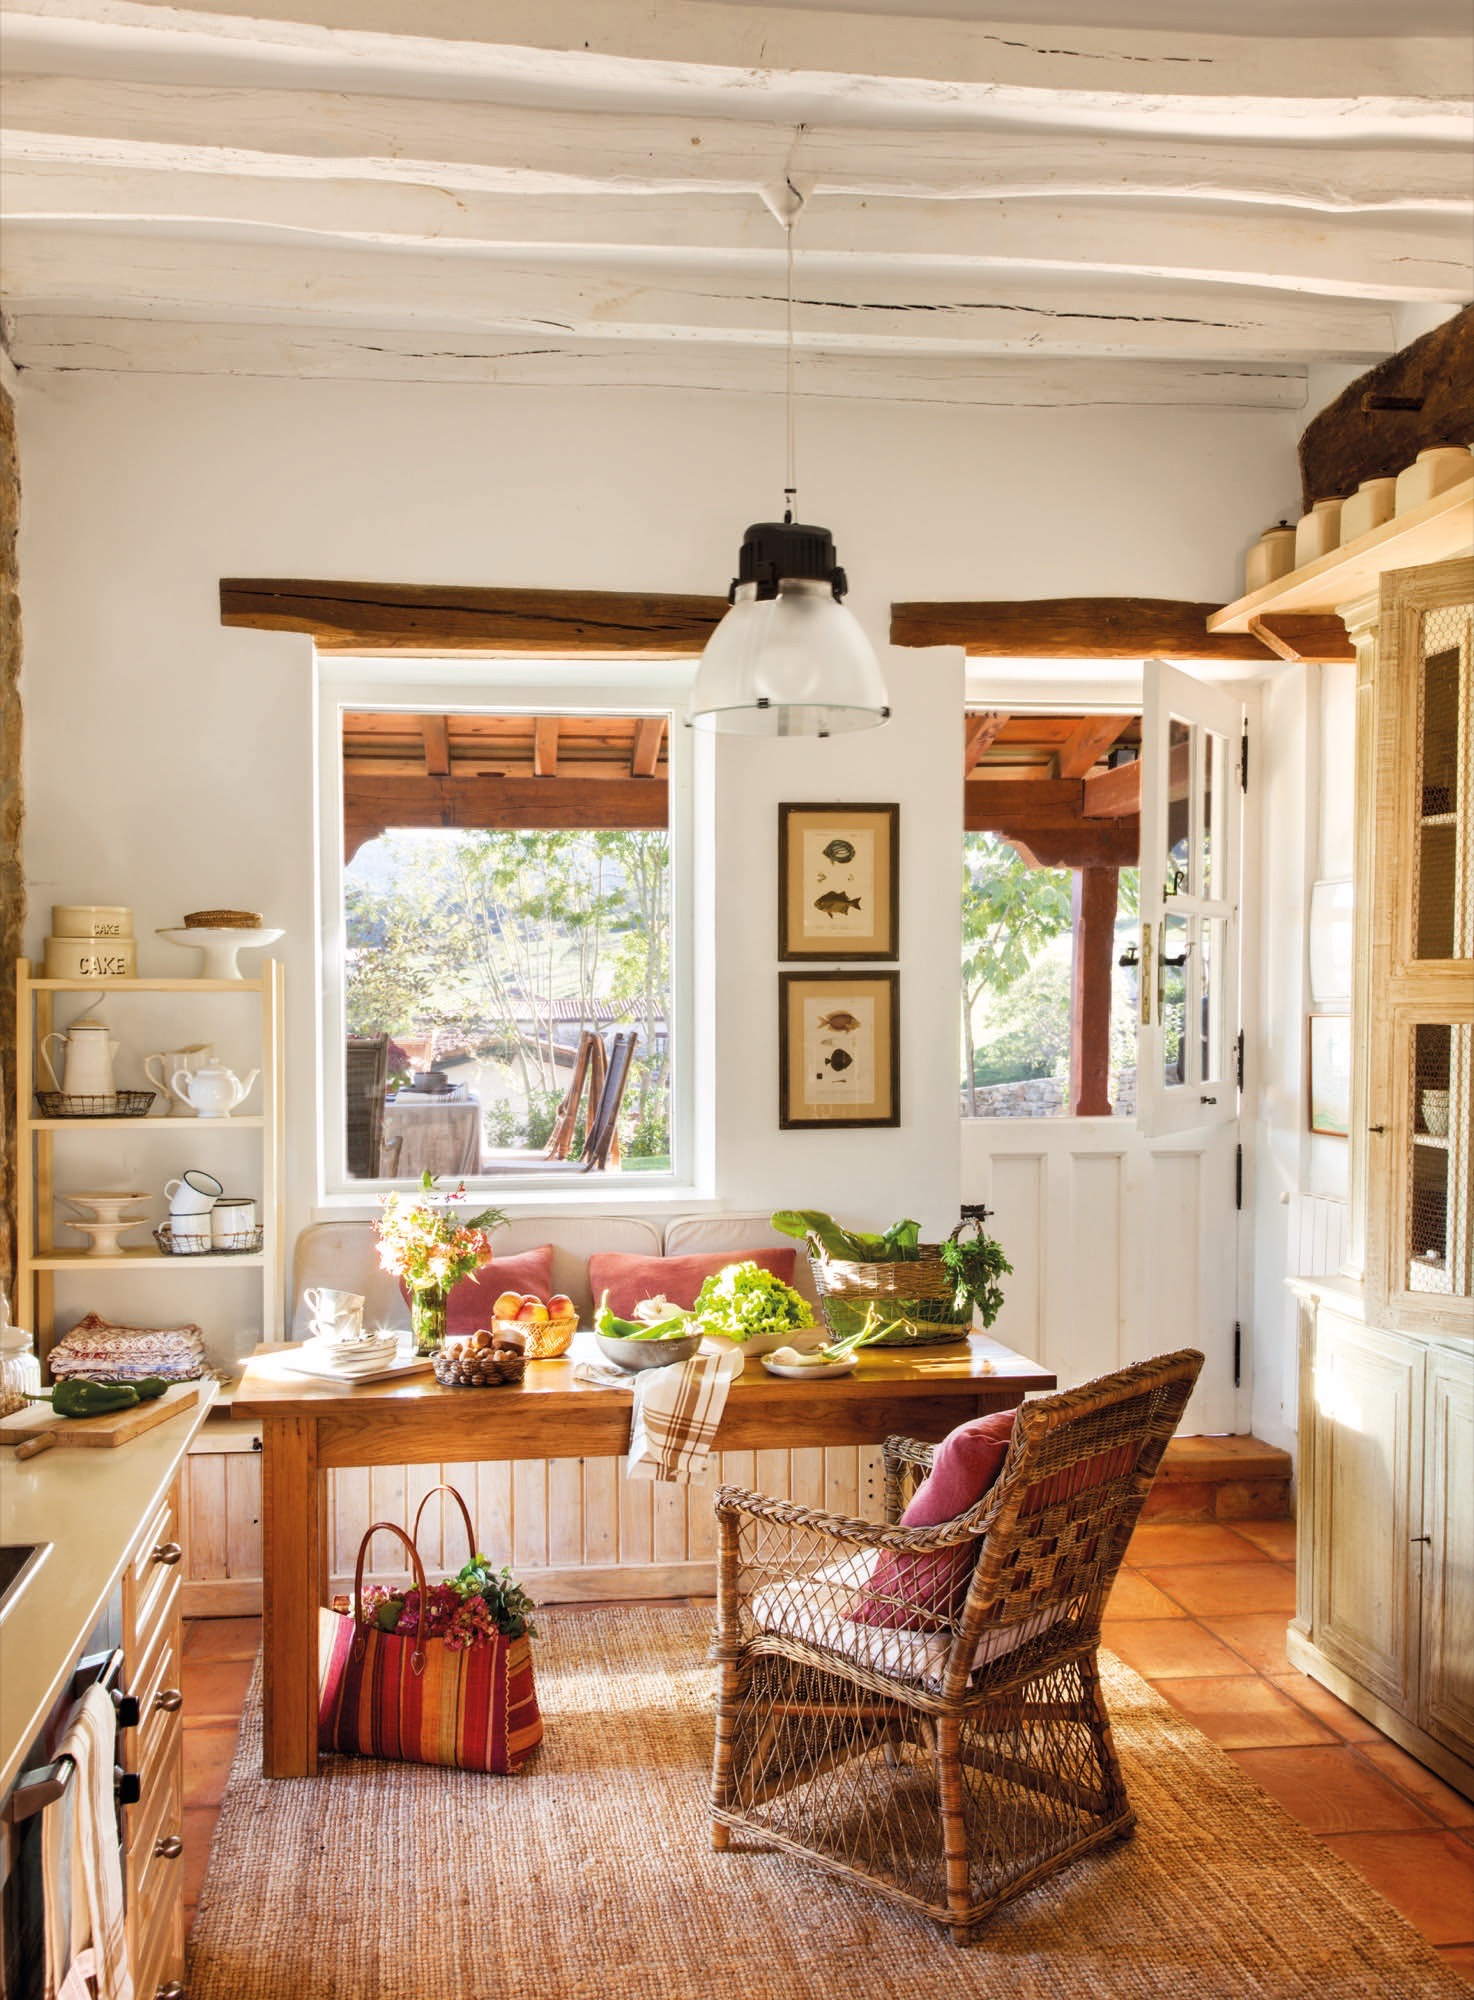 Una casa rustica en cantabria sencilla y muy acogedora - Como disenar una cocina rustica ...